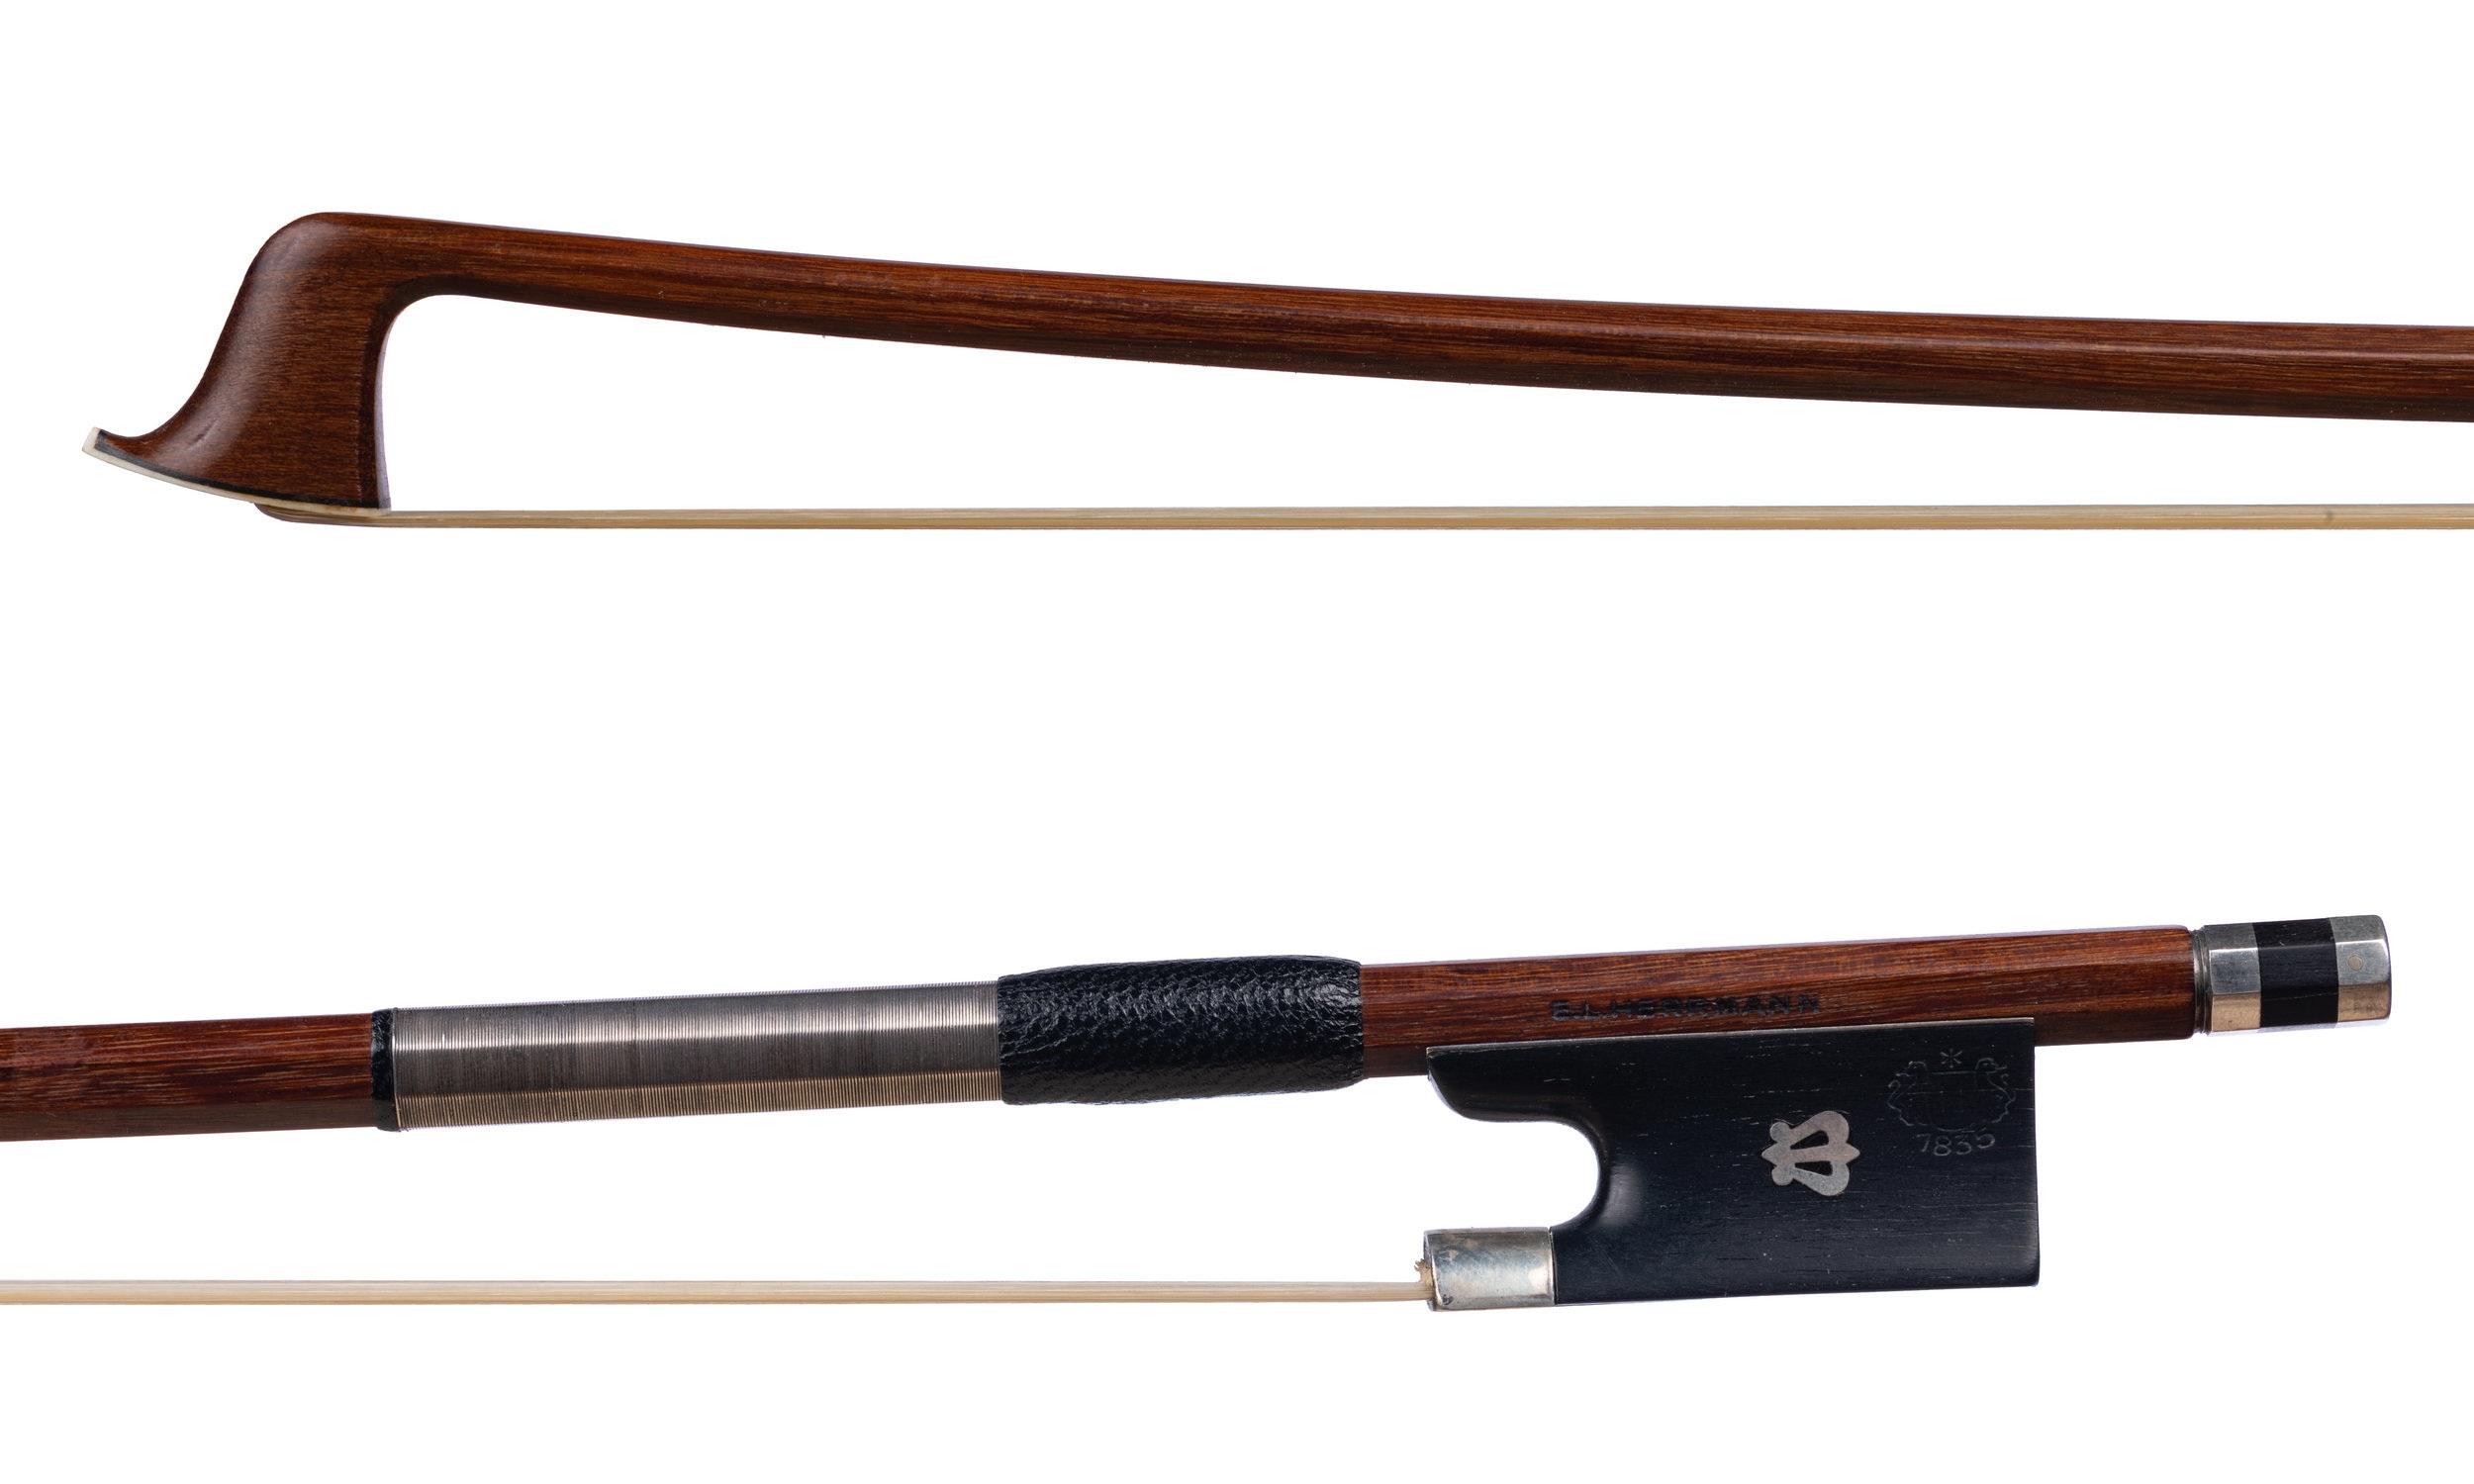 E.L.+Herrmann+vn+bow+3820.jpg